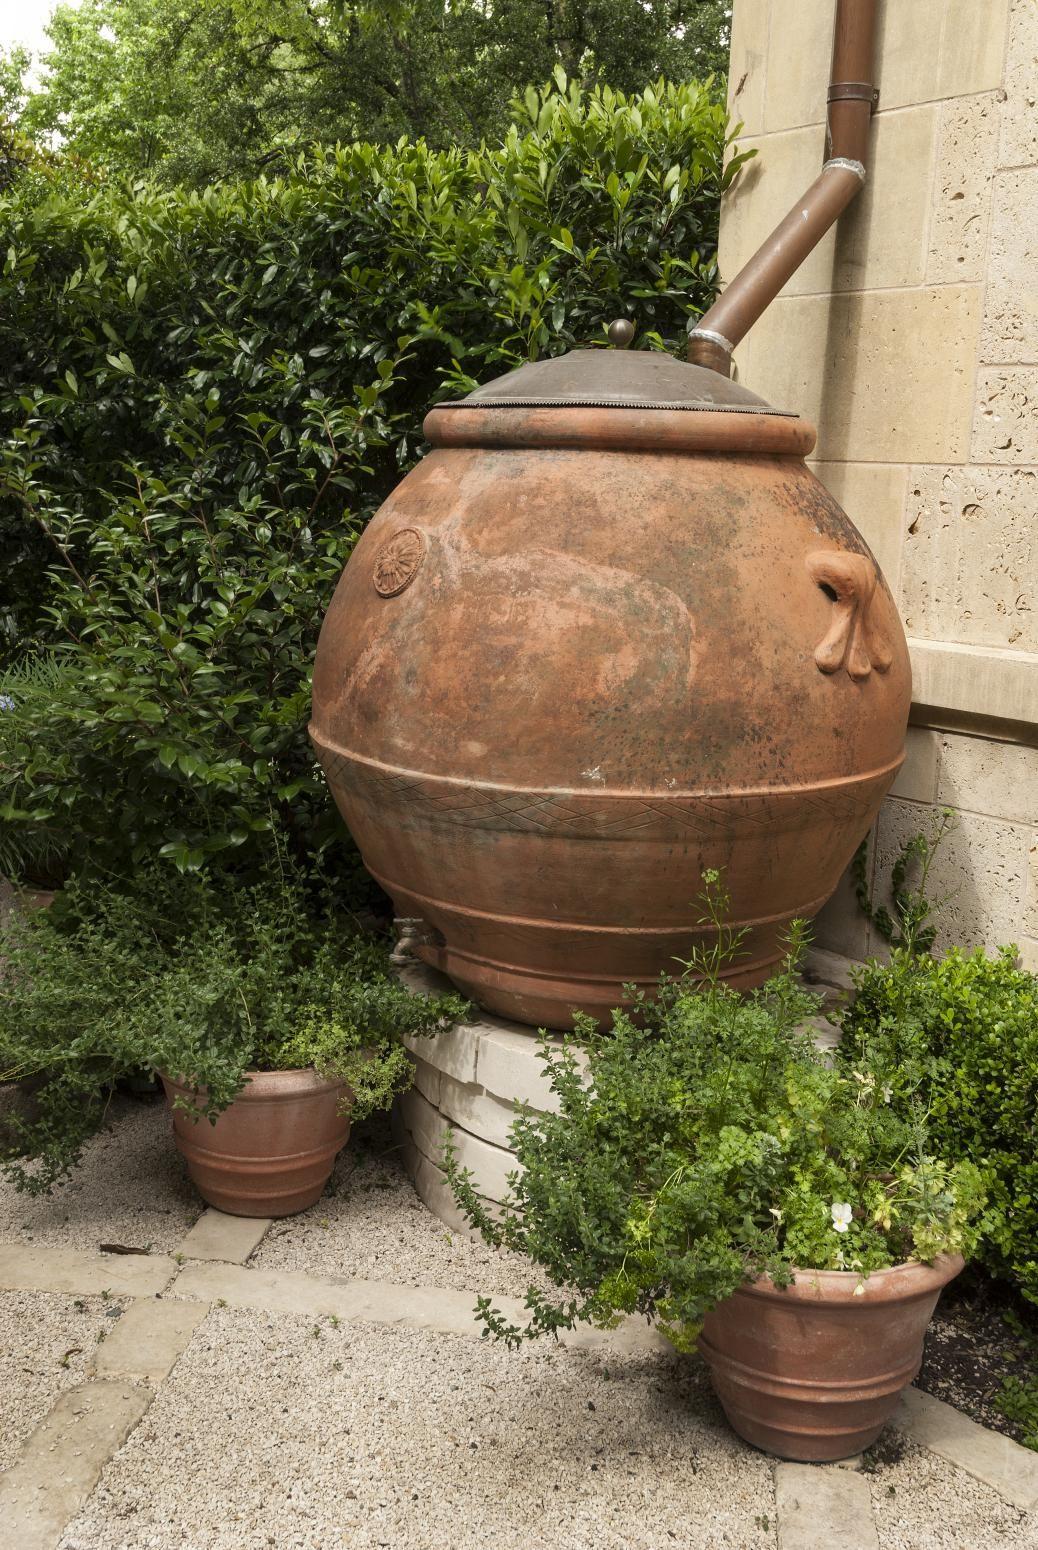 Recyclage D'une Vieille #jarre A Huile D'olive En Baril De ... concernant Jarre De Jardin